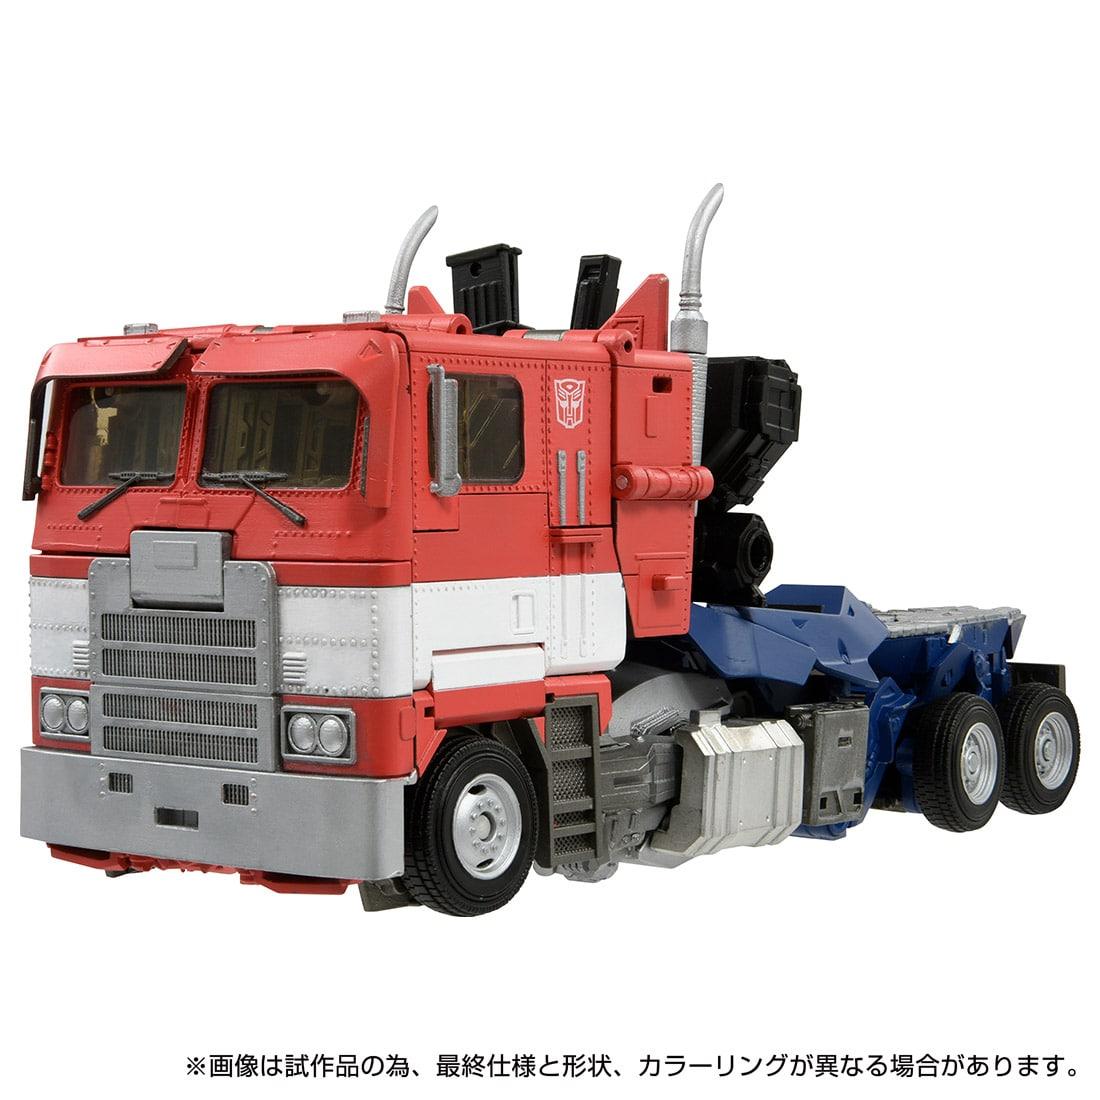 マスターピース『MPM-12 オプティマスプライム』トランスフォーマー 可変可動フィギュア-002